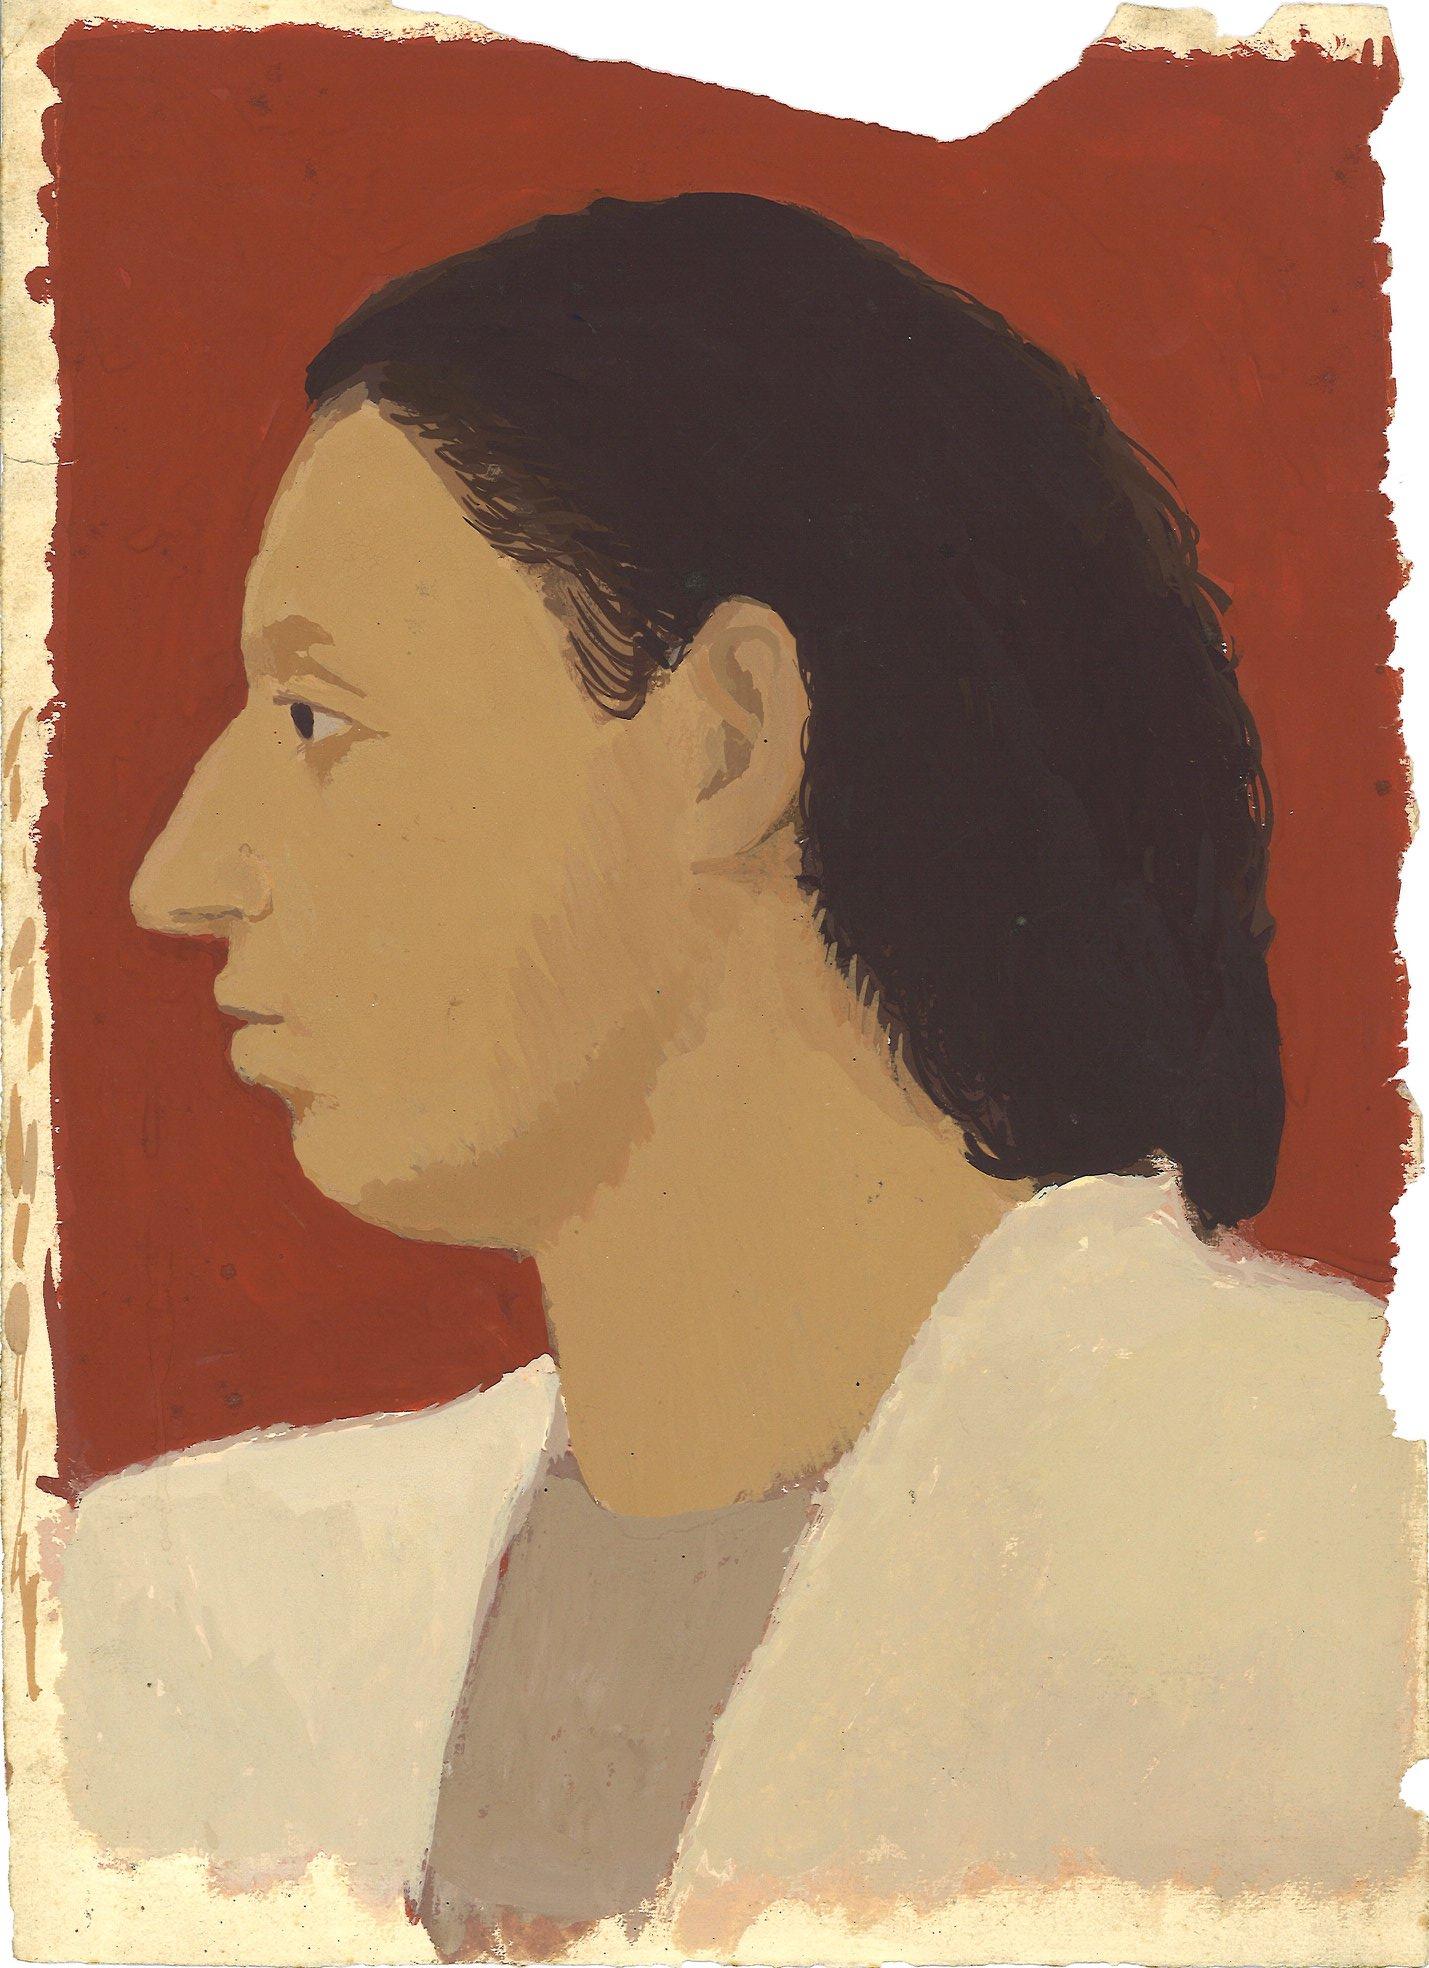 Giuseppe Capogrossi, Testa di Giovane, 1934, tempera su carta, cm 33,5x24